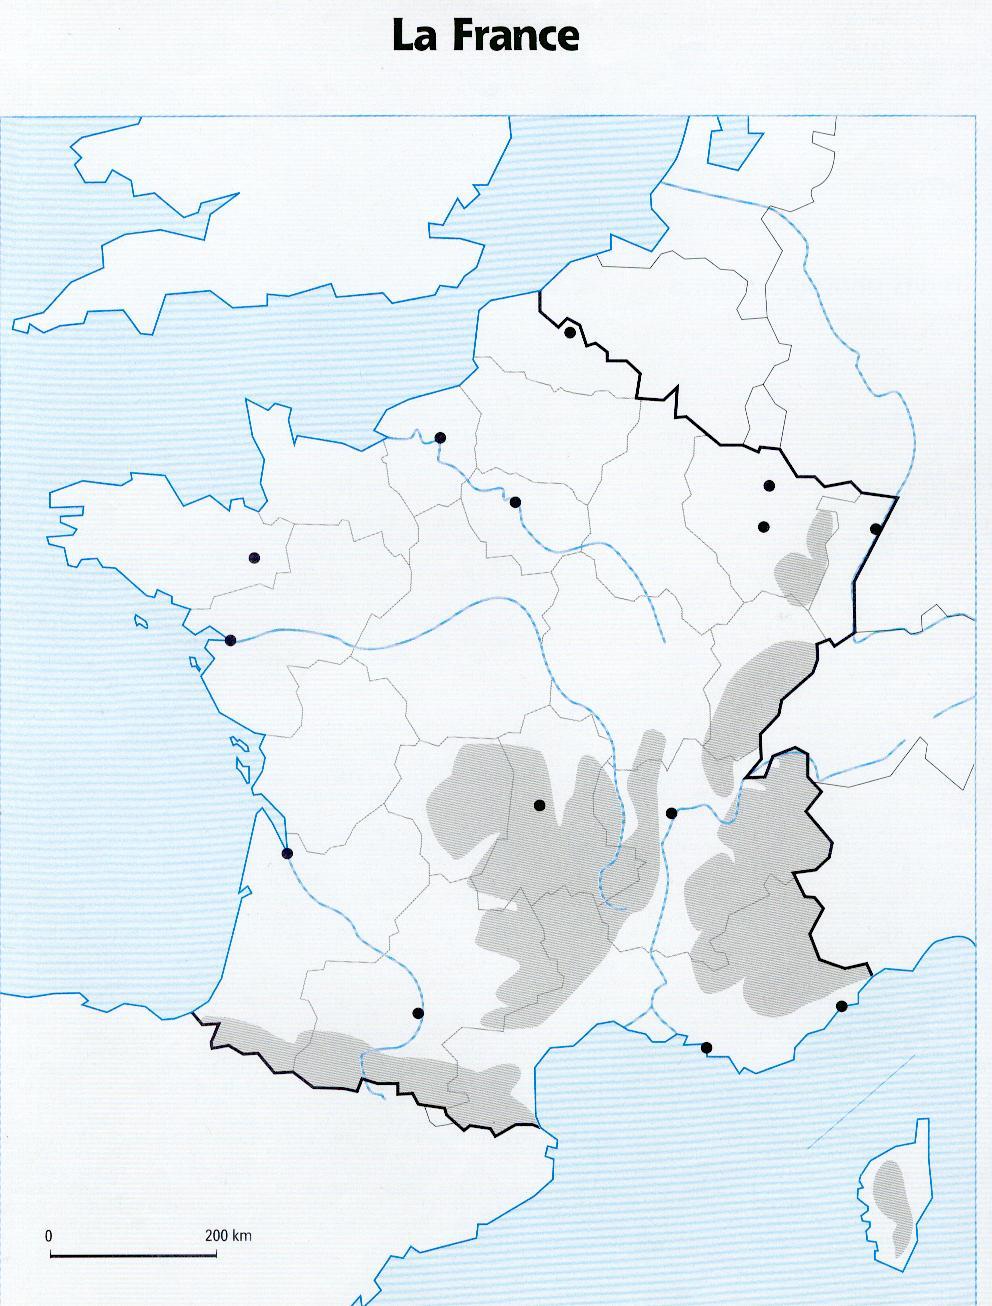 Fonds De Cartes - Les Pratiques De Classe De Mister Chat pour Carte De La France Vierge